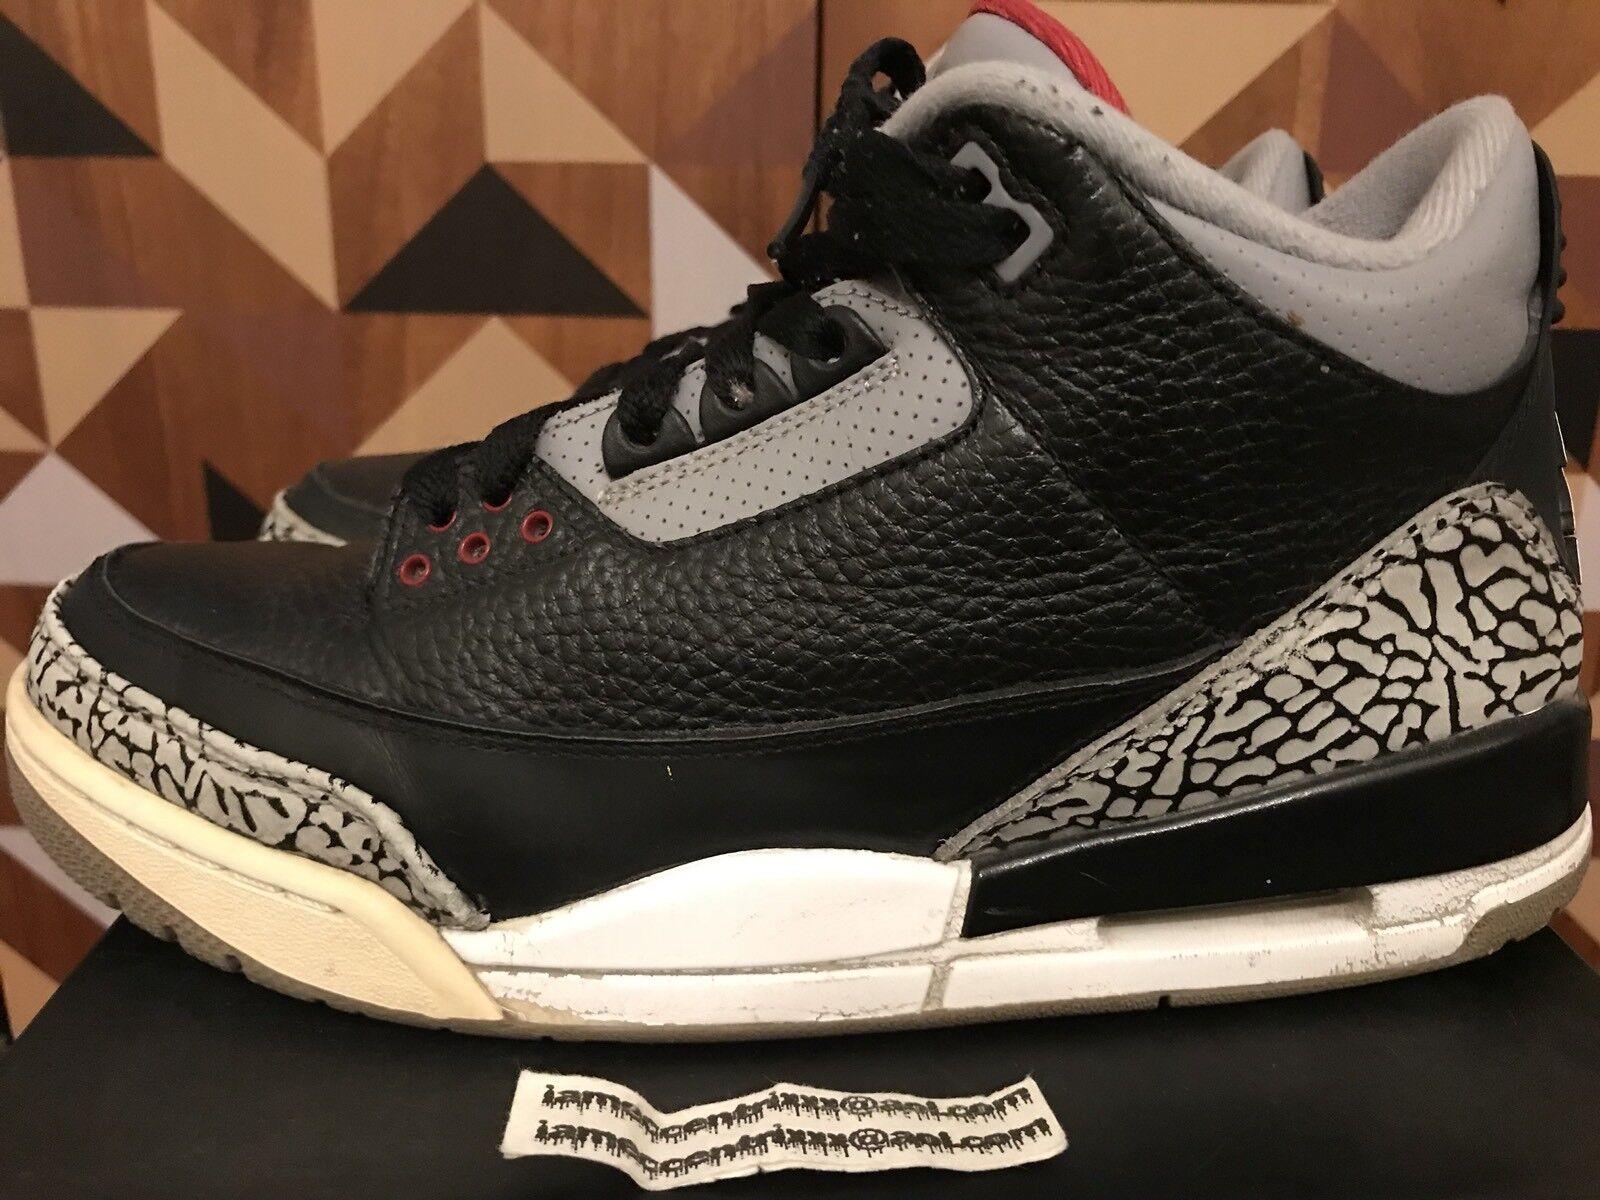 Nike air jordan 3 retrò sz 7,5 nero rosso rosso rosso di cemento grigio del 2011 e1622a